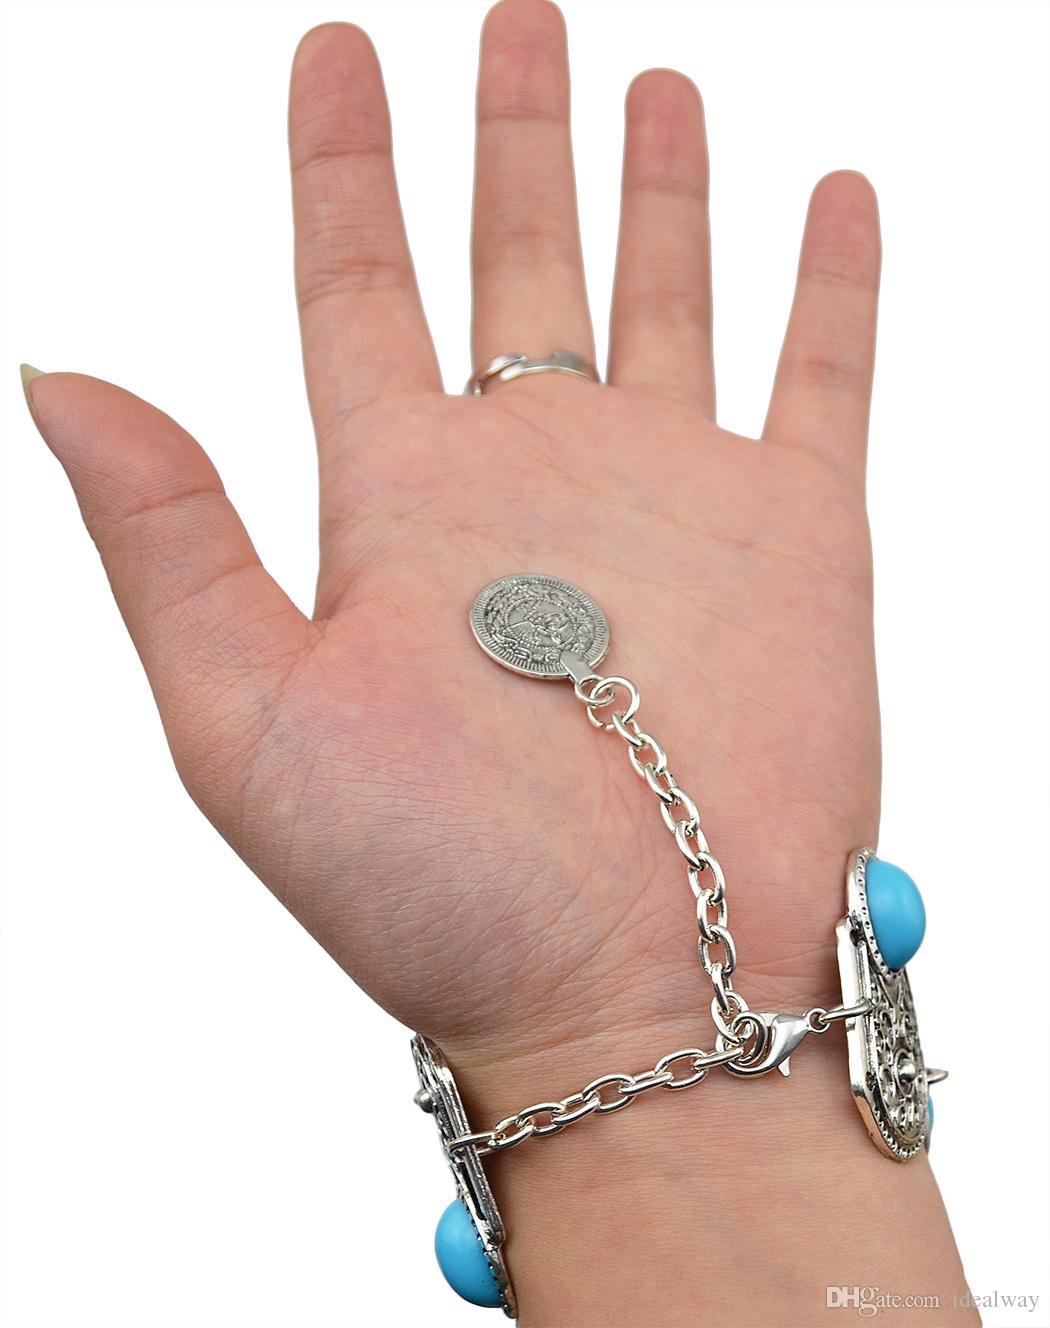 سلسلة البوهيمي ريترو بوهو بالفضة البطانة الأزرق الراتنج الخرز قلادة كوين اليد حلقة سوار للنساء